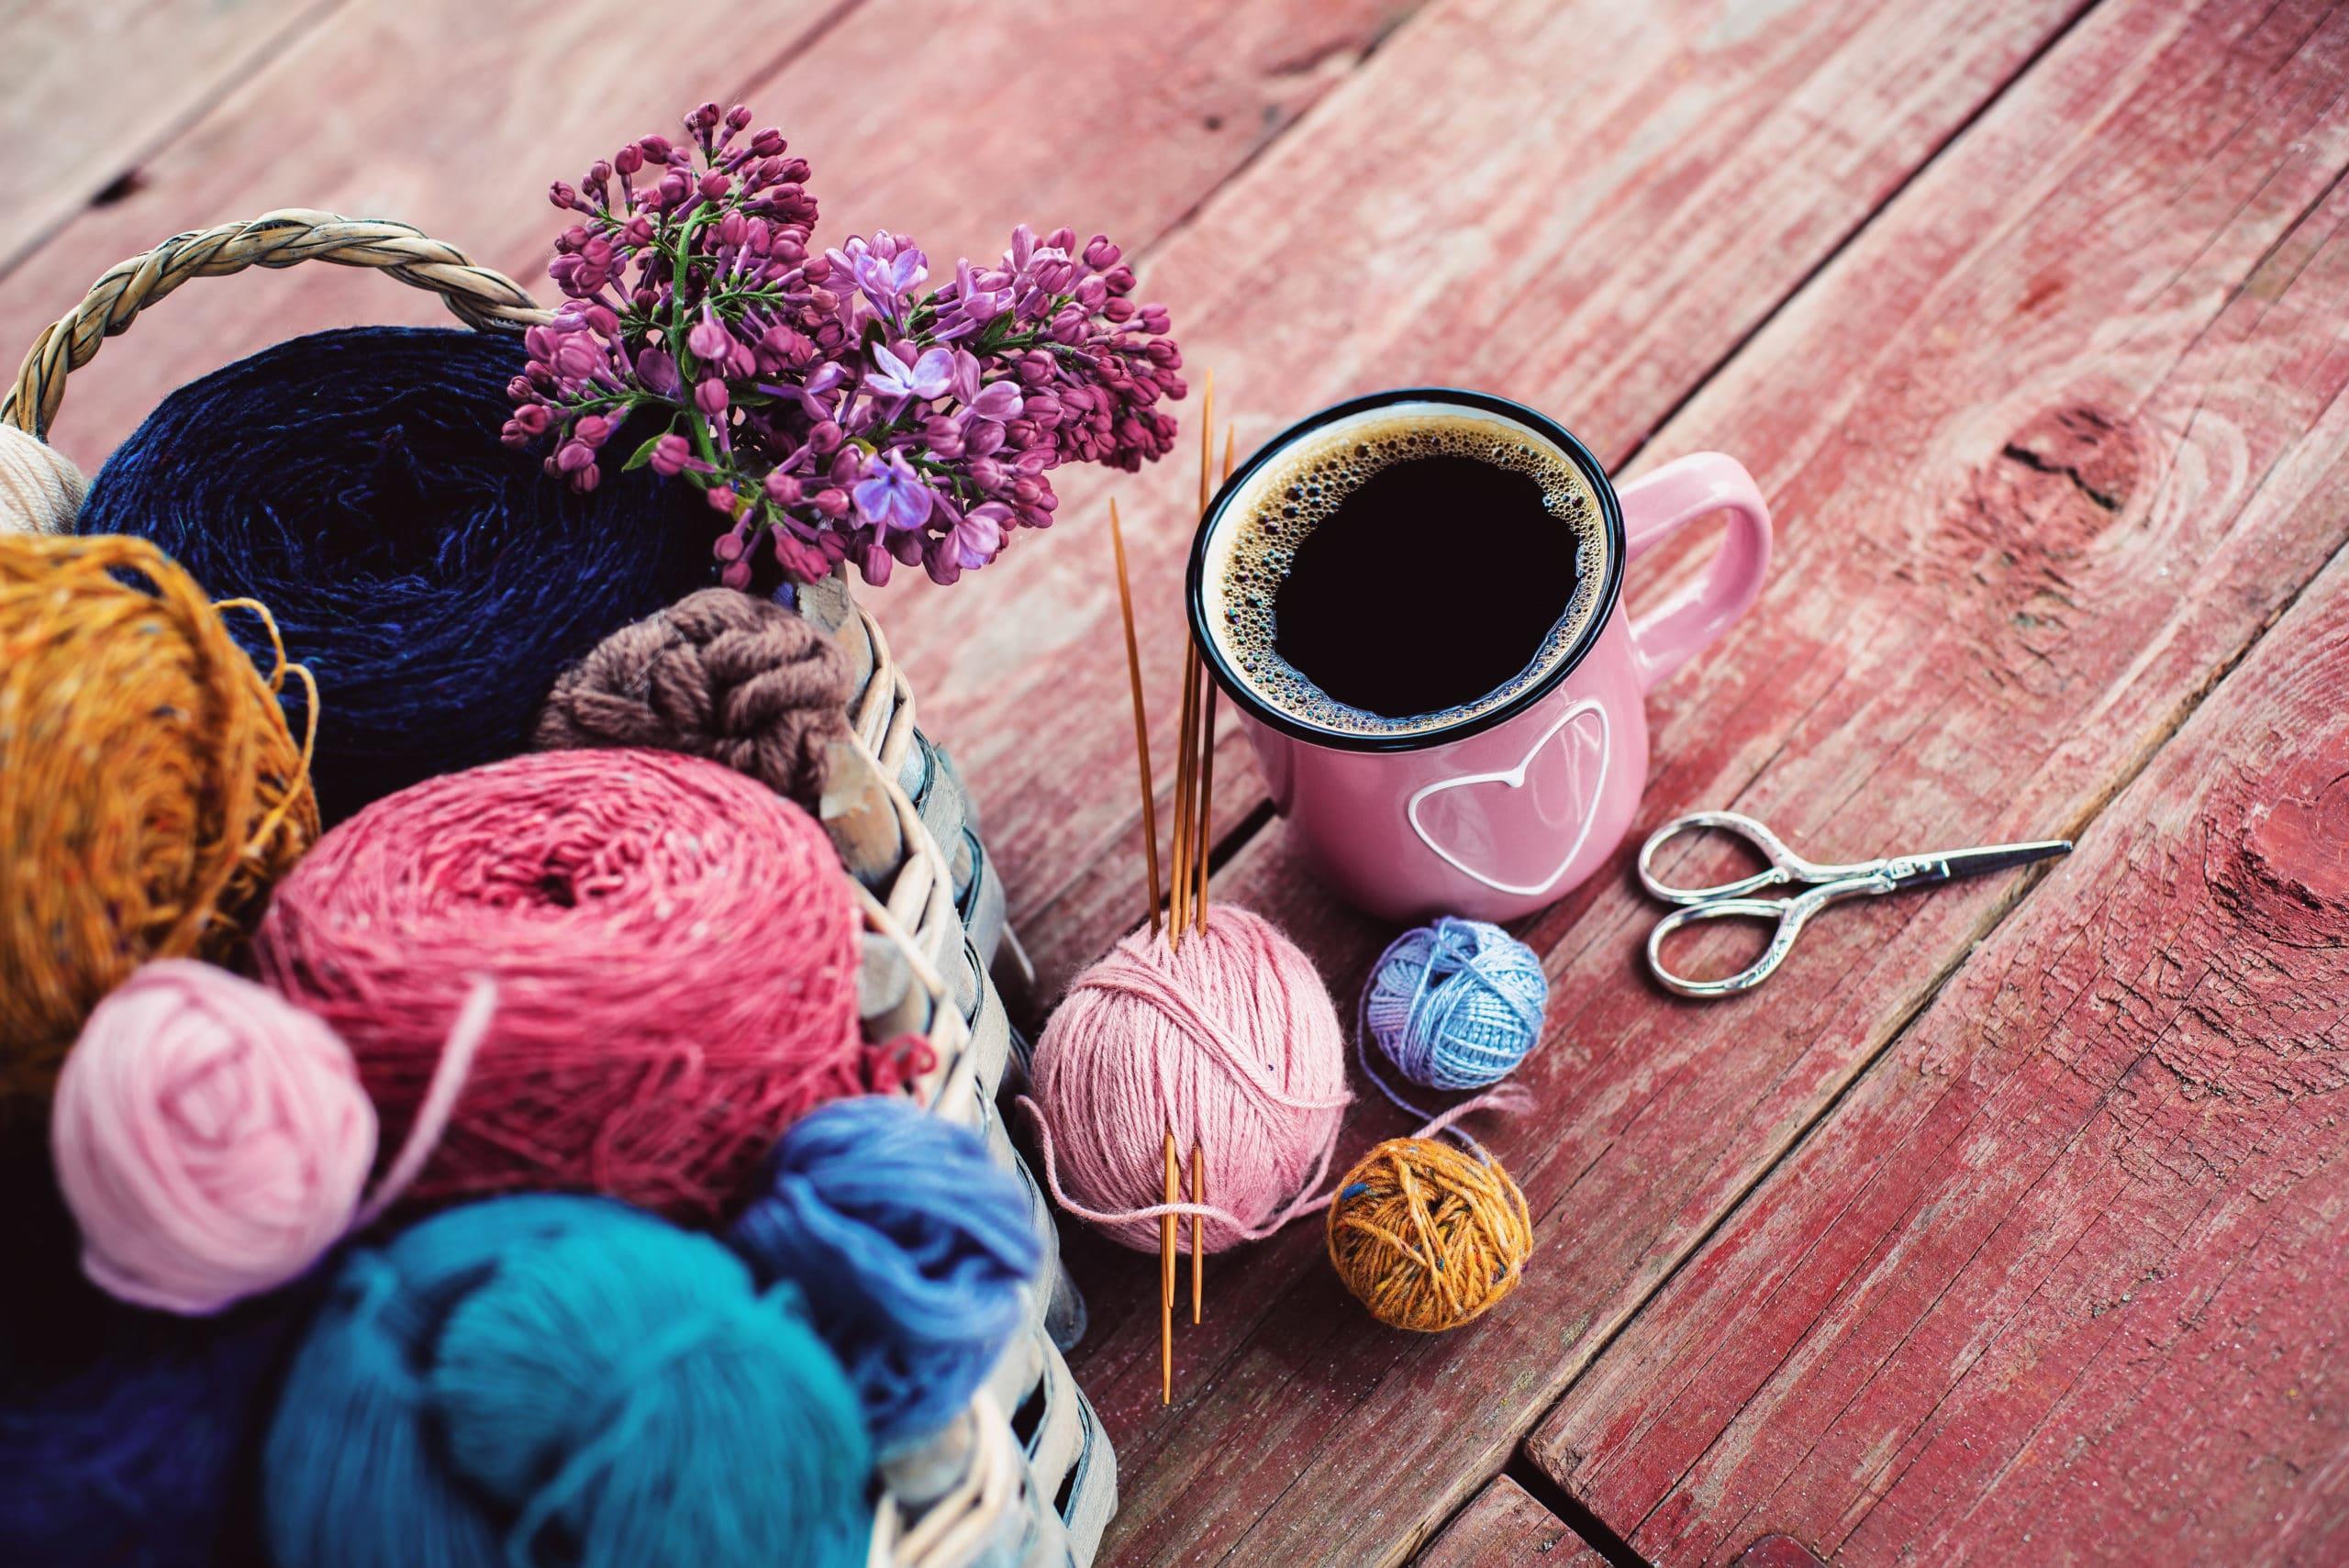 Café crochet | Différentes pelotes de laine, fil avec aiguilles, ciseau et tasse de café, concept de bien-être, repos, sérénité